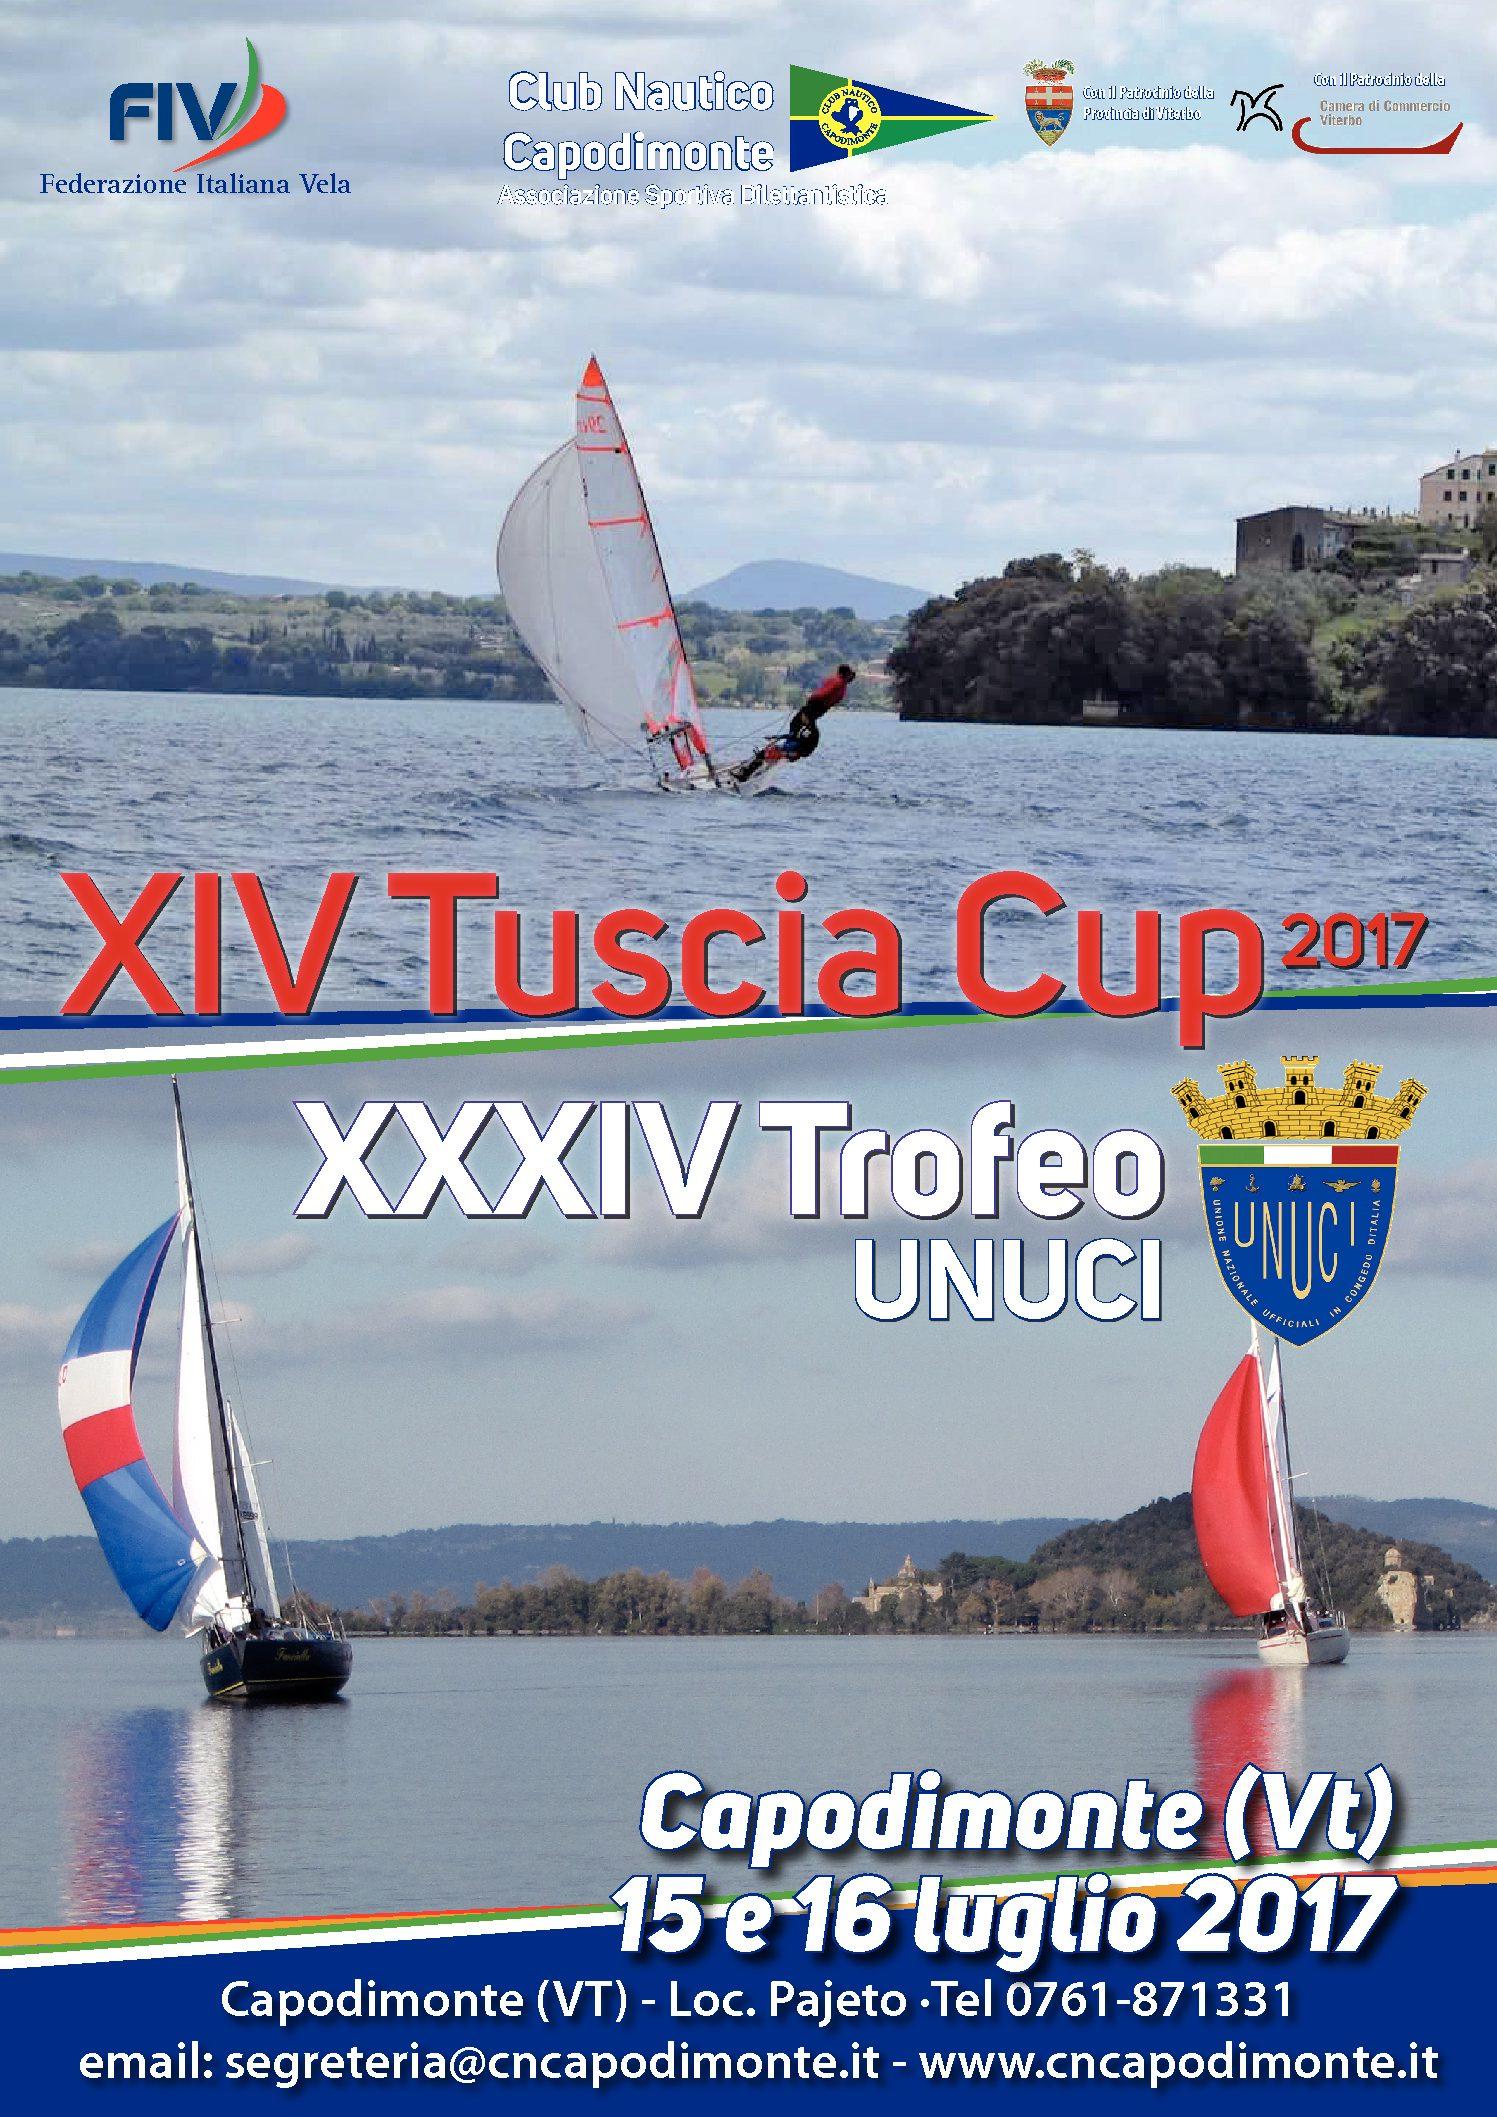 XIV Tuscia Cup e XXXIV Trofeo Unuci 15-16